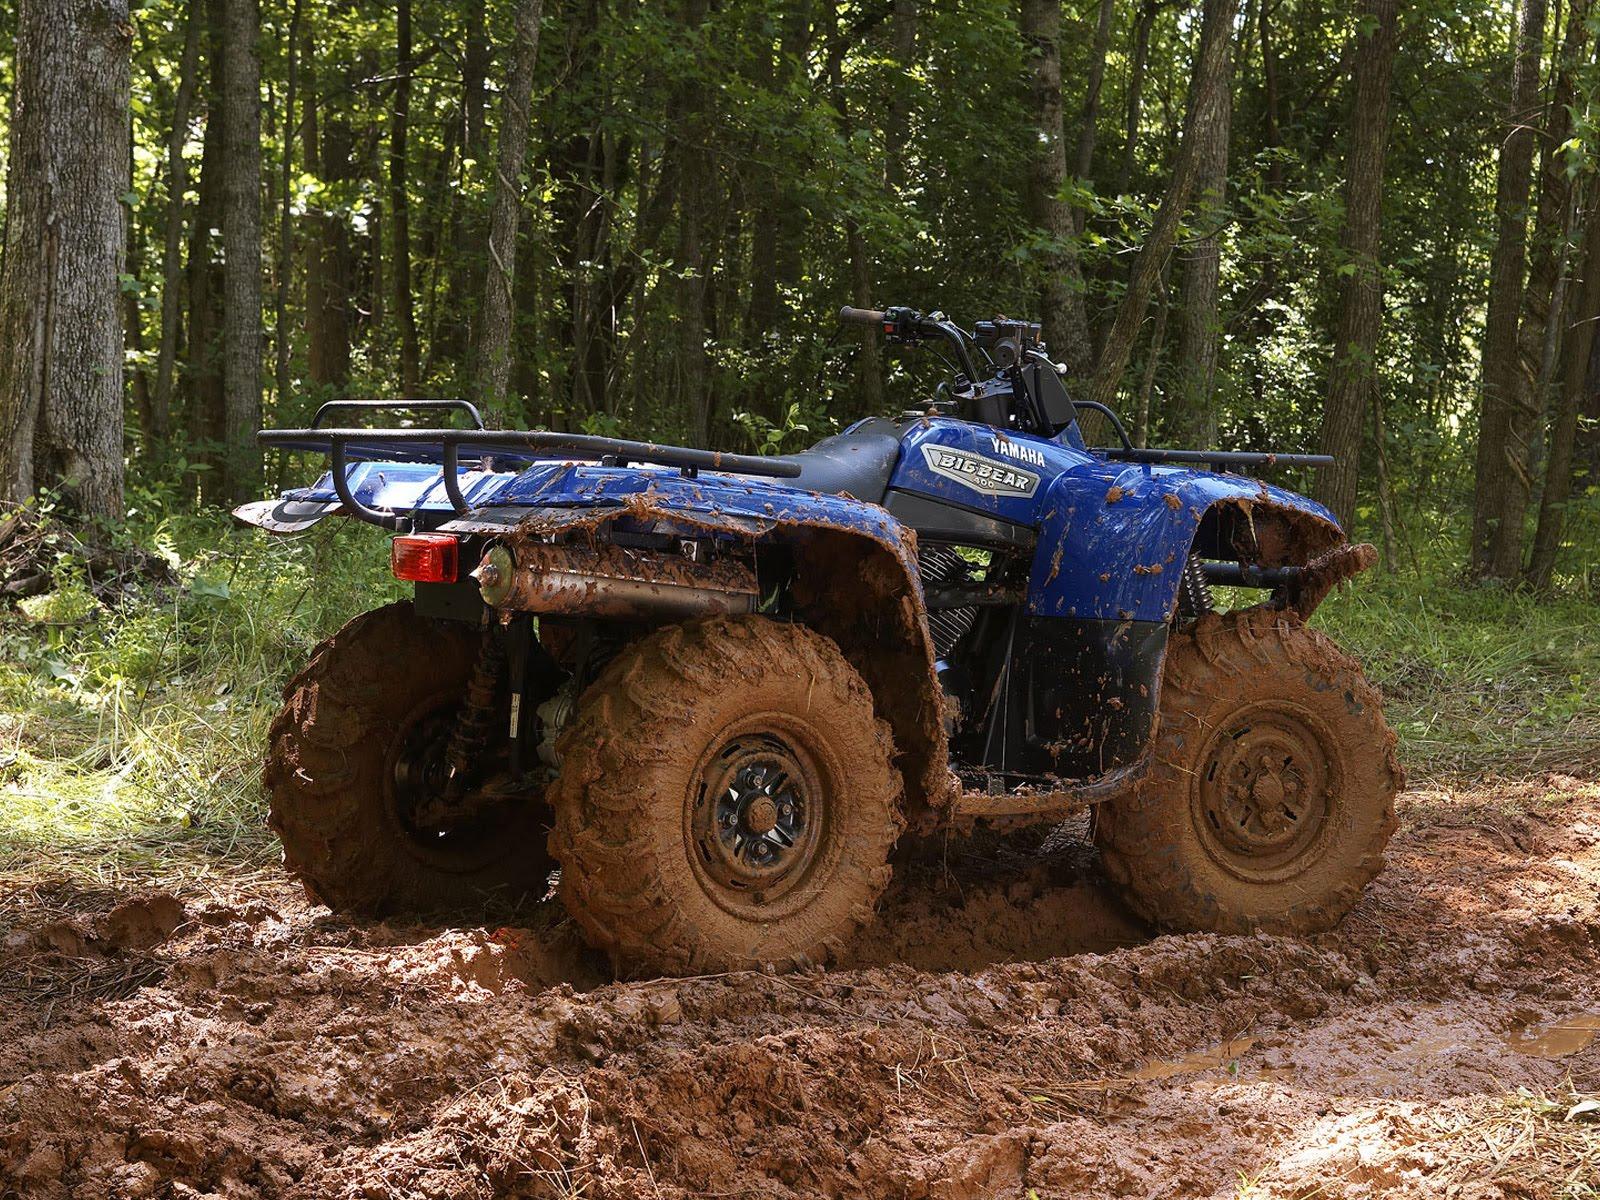 http://3.bp.blogspot.com/-m0pMjVfWBTU/TWym48j1n9I/AAAAAAAAA6o/pIngrcKd6PY/s1600/2010_Yamaha_Big_Bear_400_ATV-pictures_1.jpg